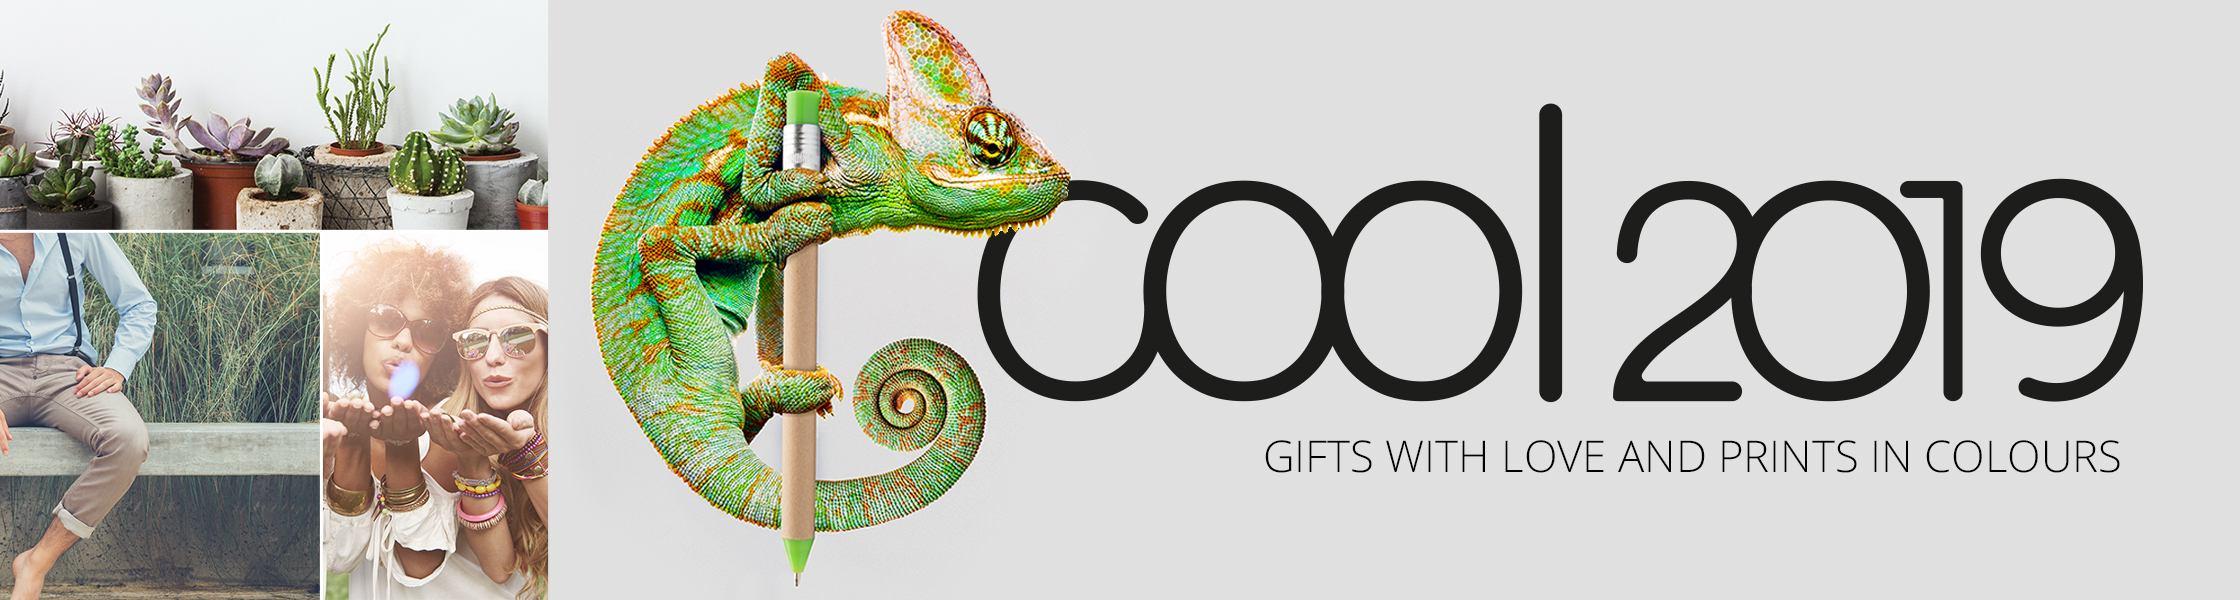 Benvenuti nel nuovo programma catalogo COOL 2019!